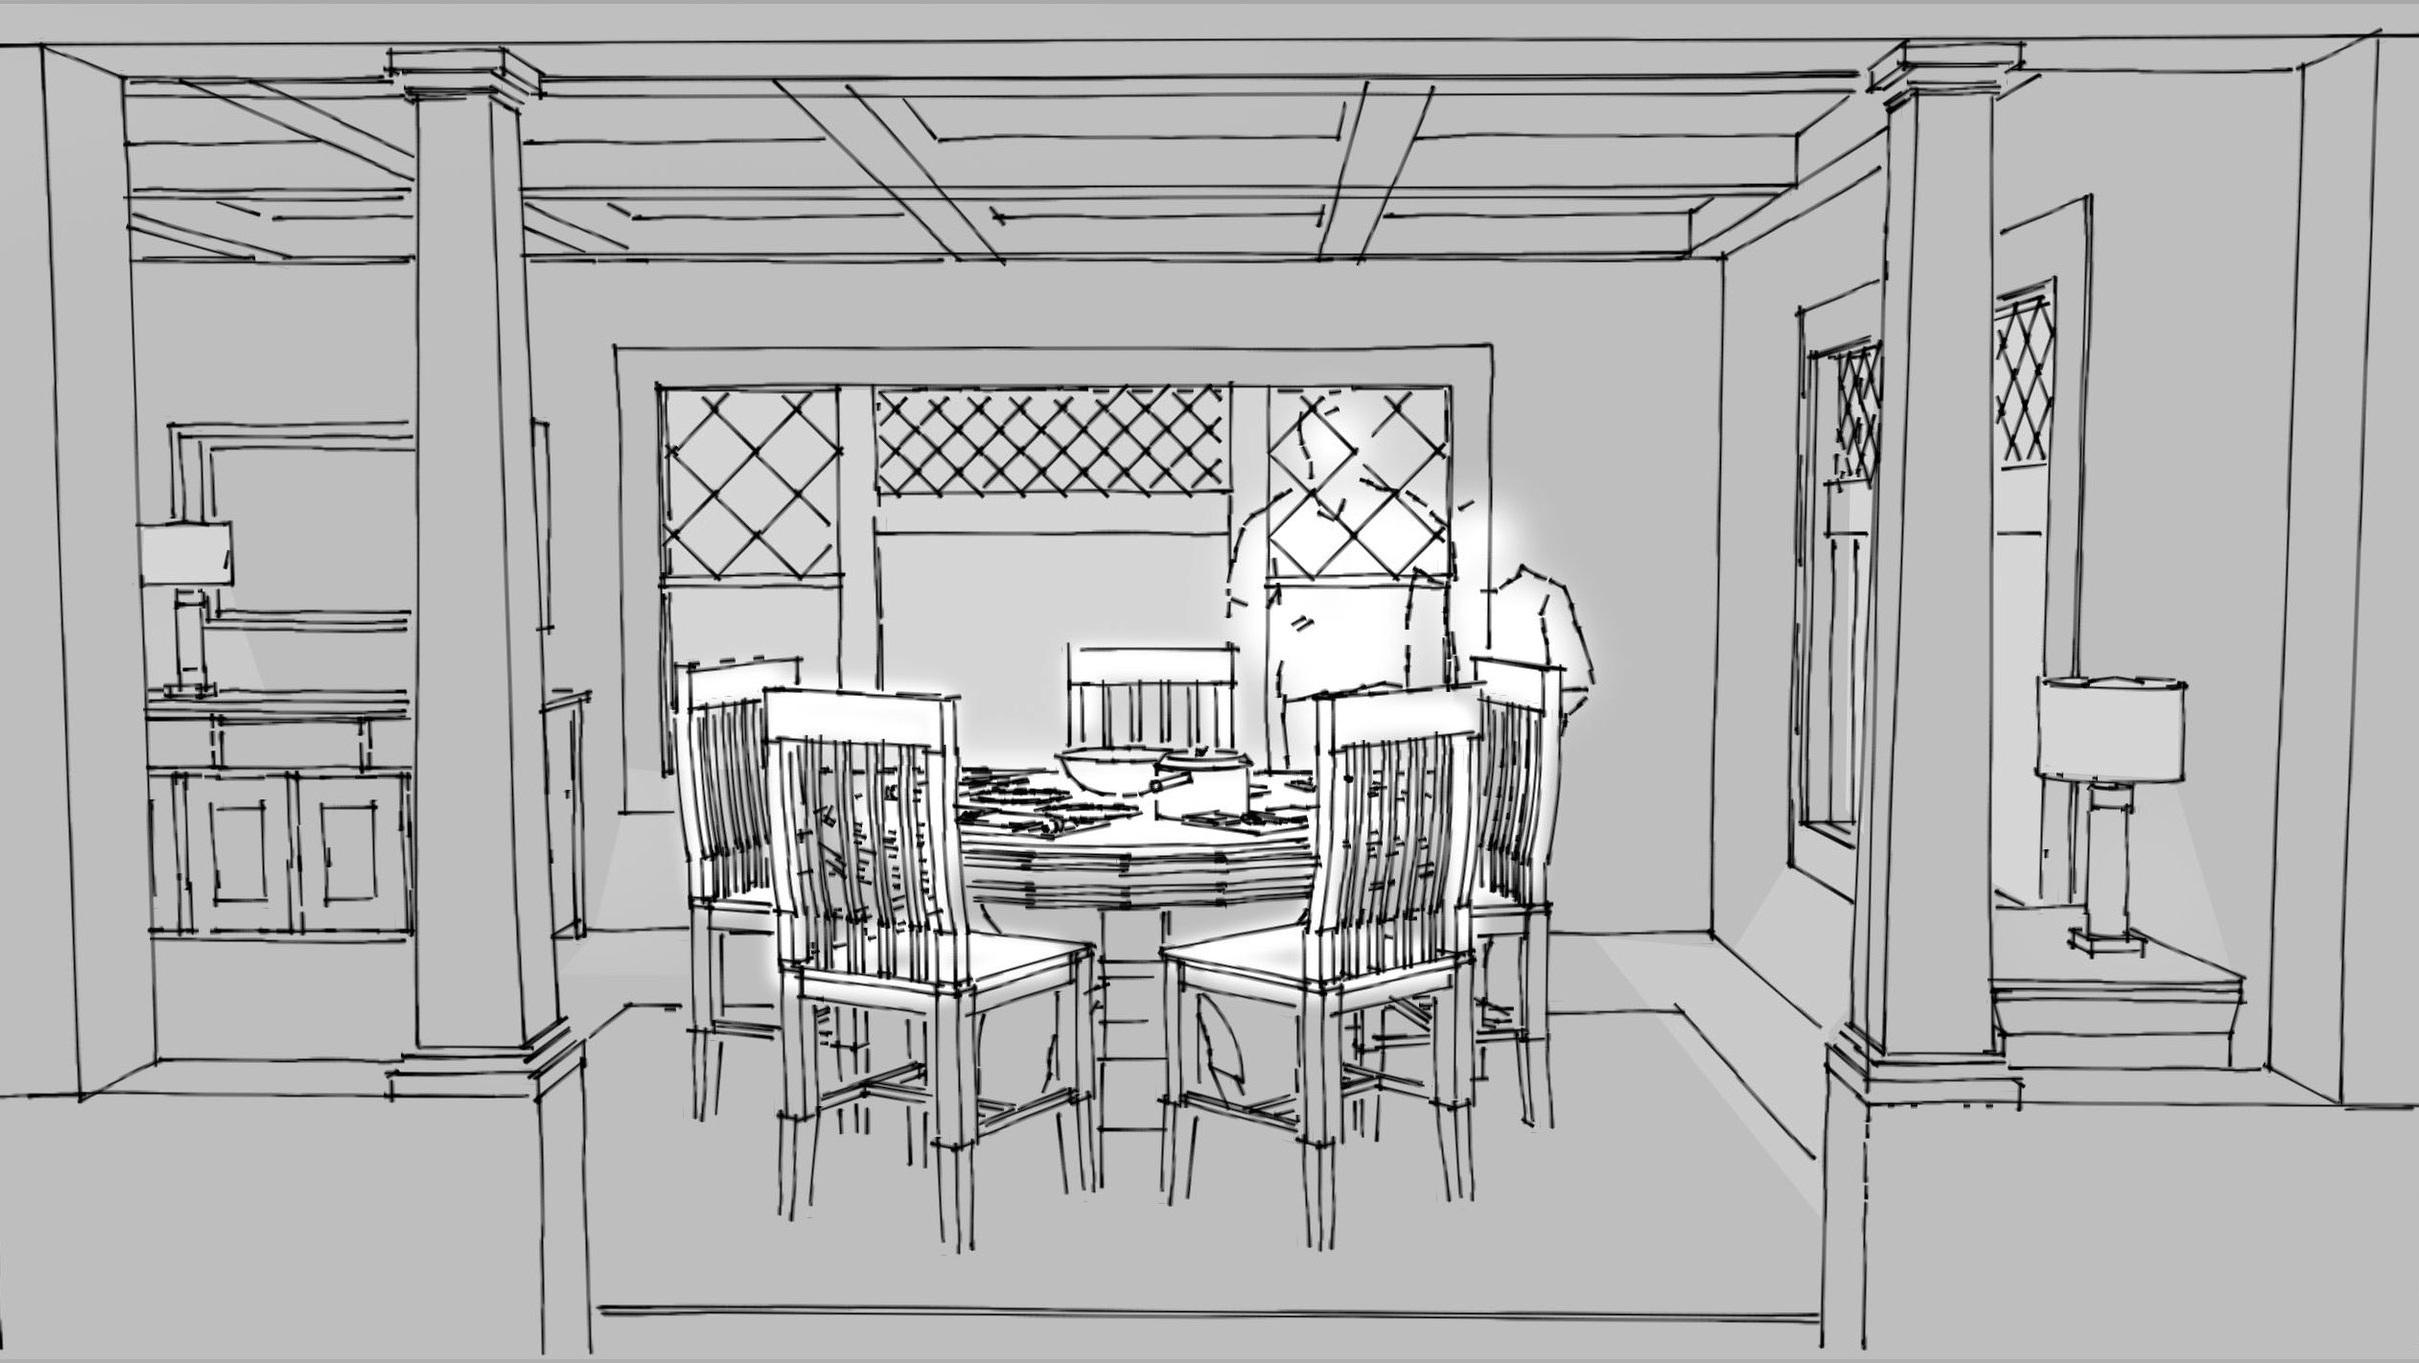 directtv dining room mockup.jpg